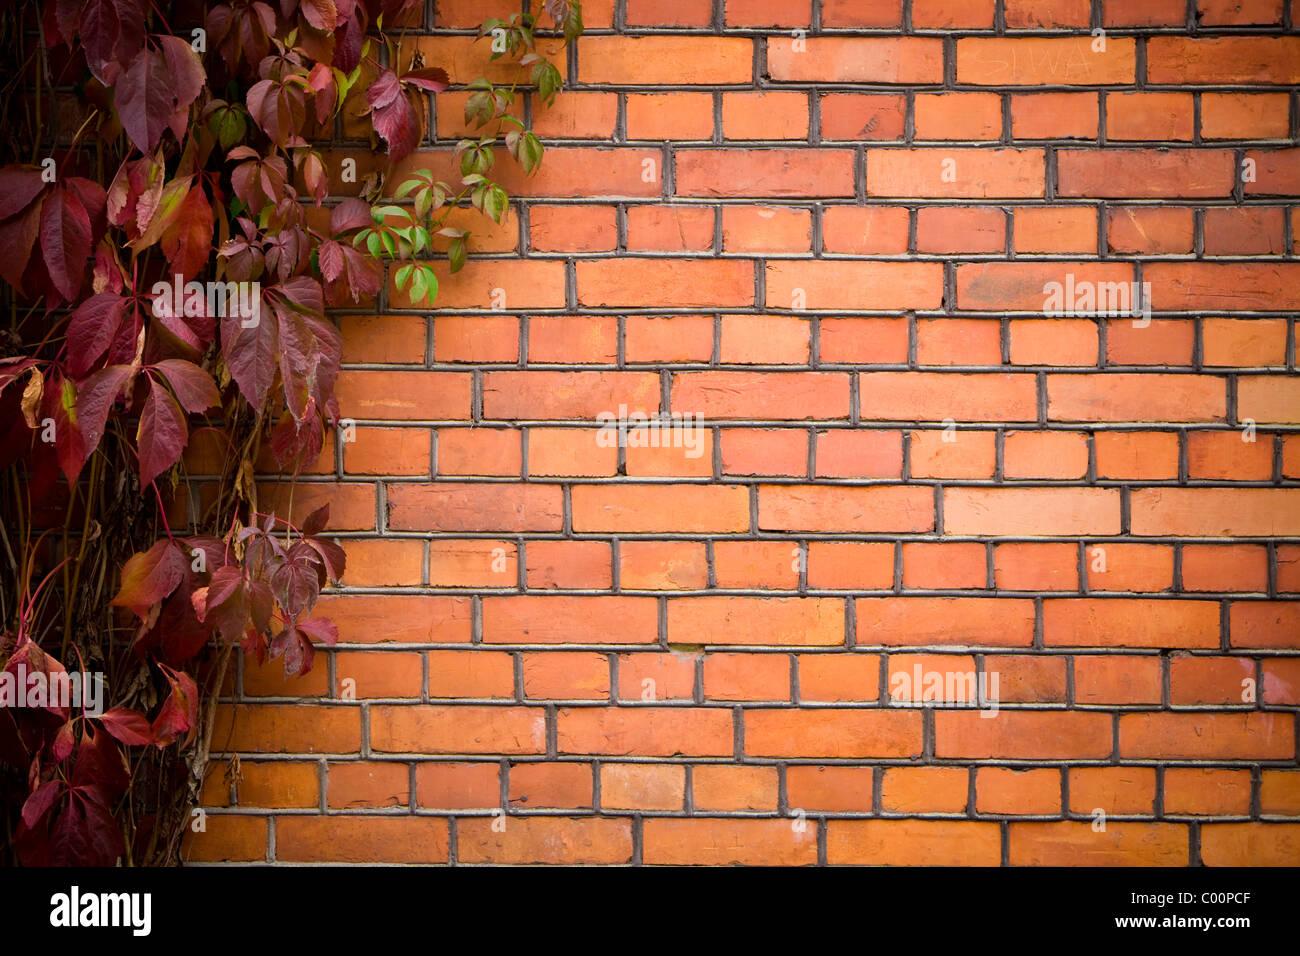 Parete con vite. muro di mattoni coperto di edera. Immagini Stock